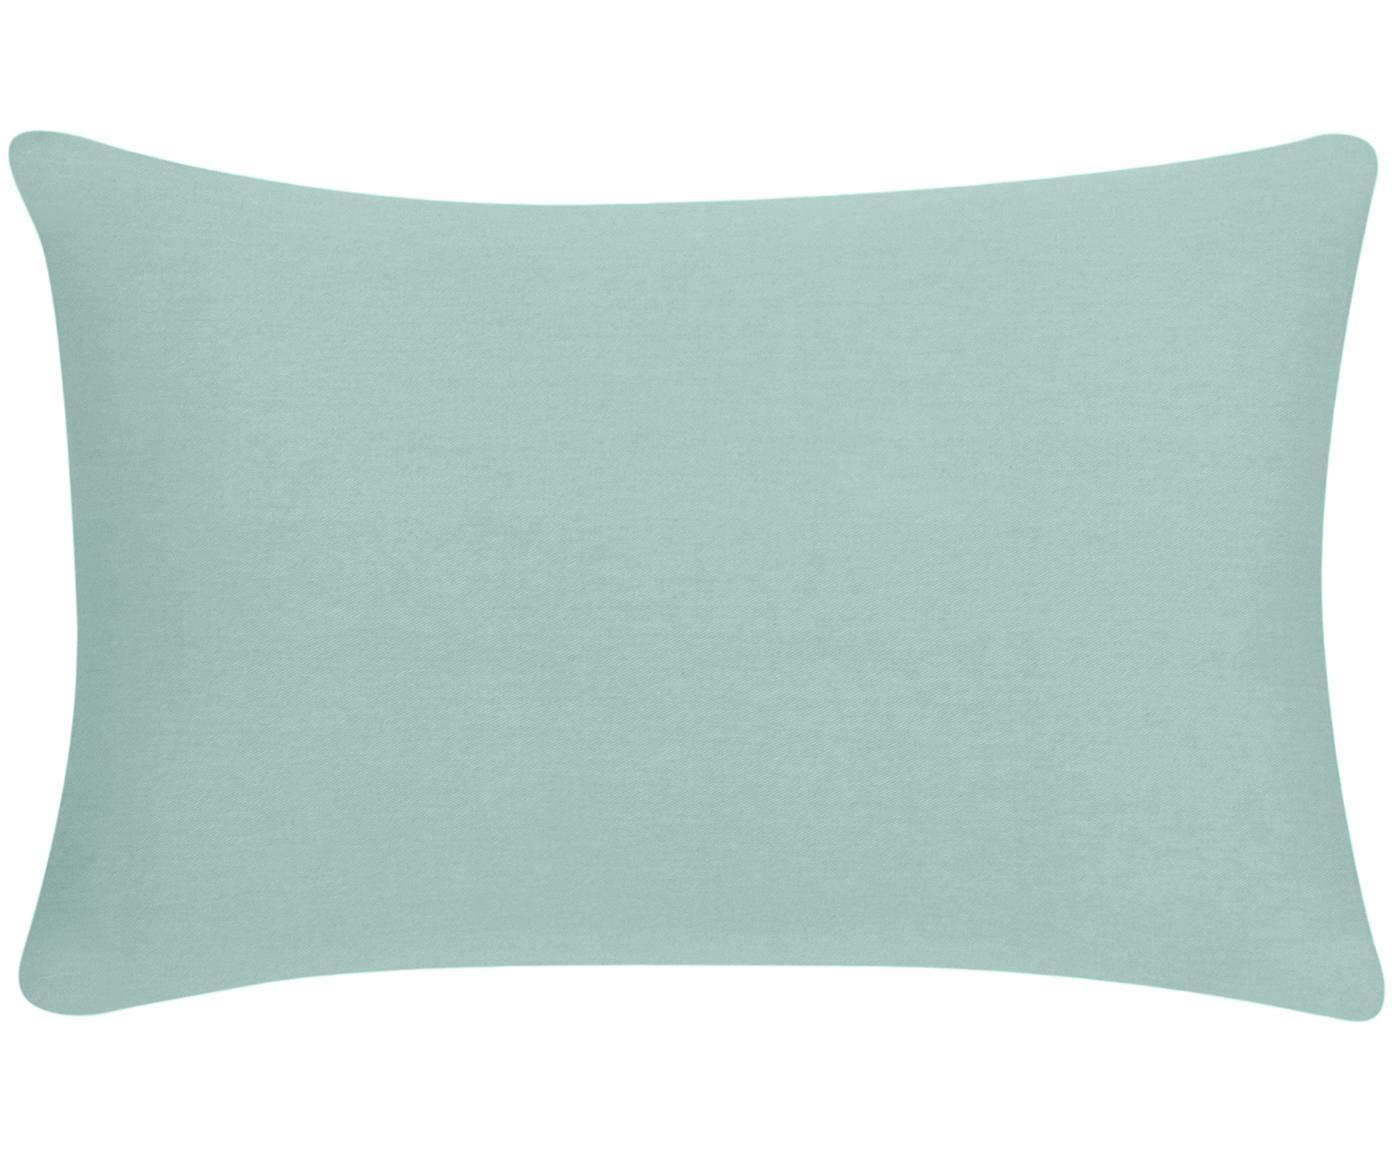 Federa arredo in verde salvia Mads, Cotone, Verde salvia, Larg. 30 x Lung. 50 cm